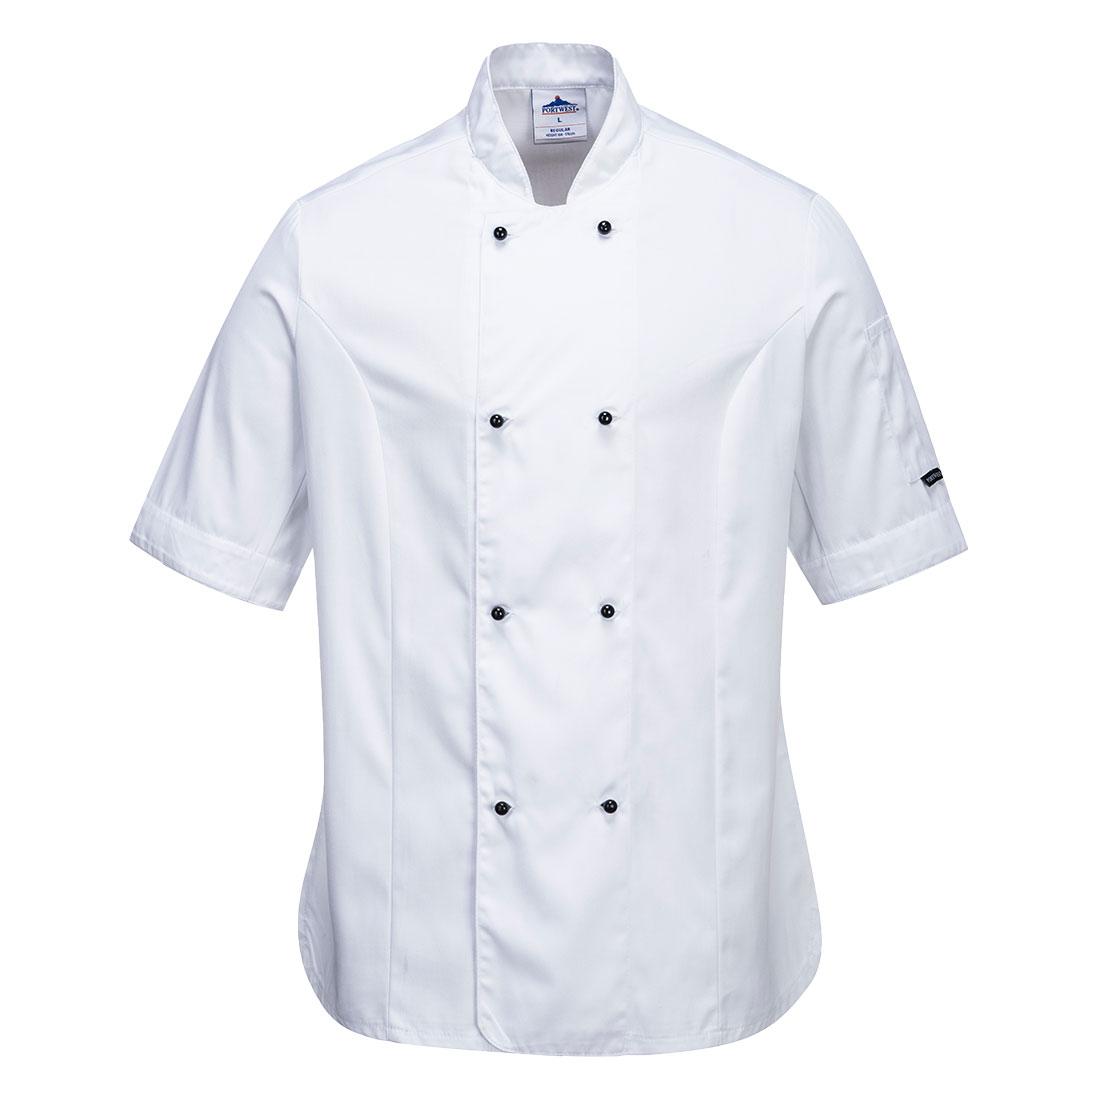 Odzież gastronomiczna dla kobiet